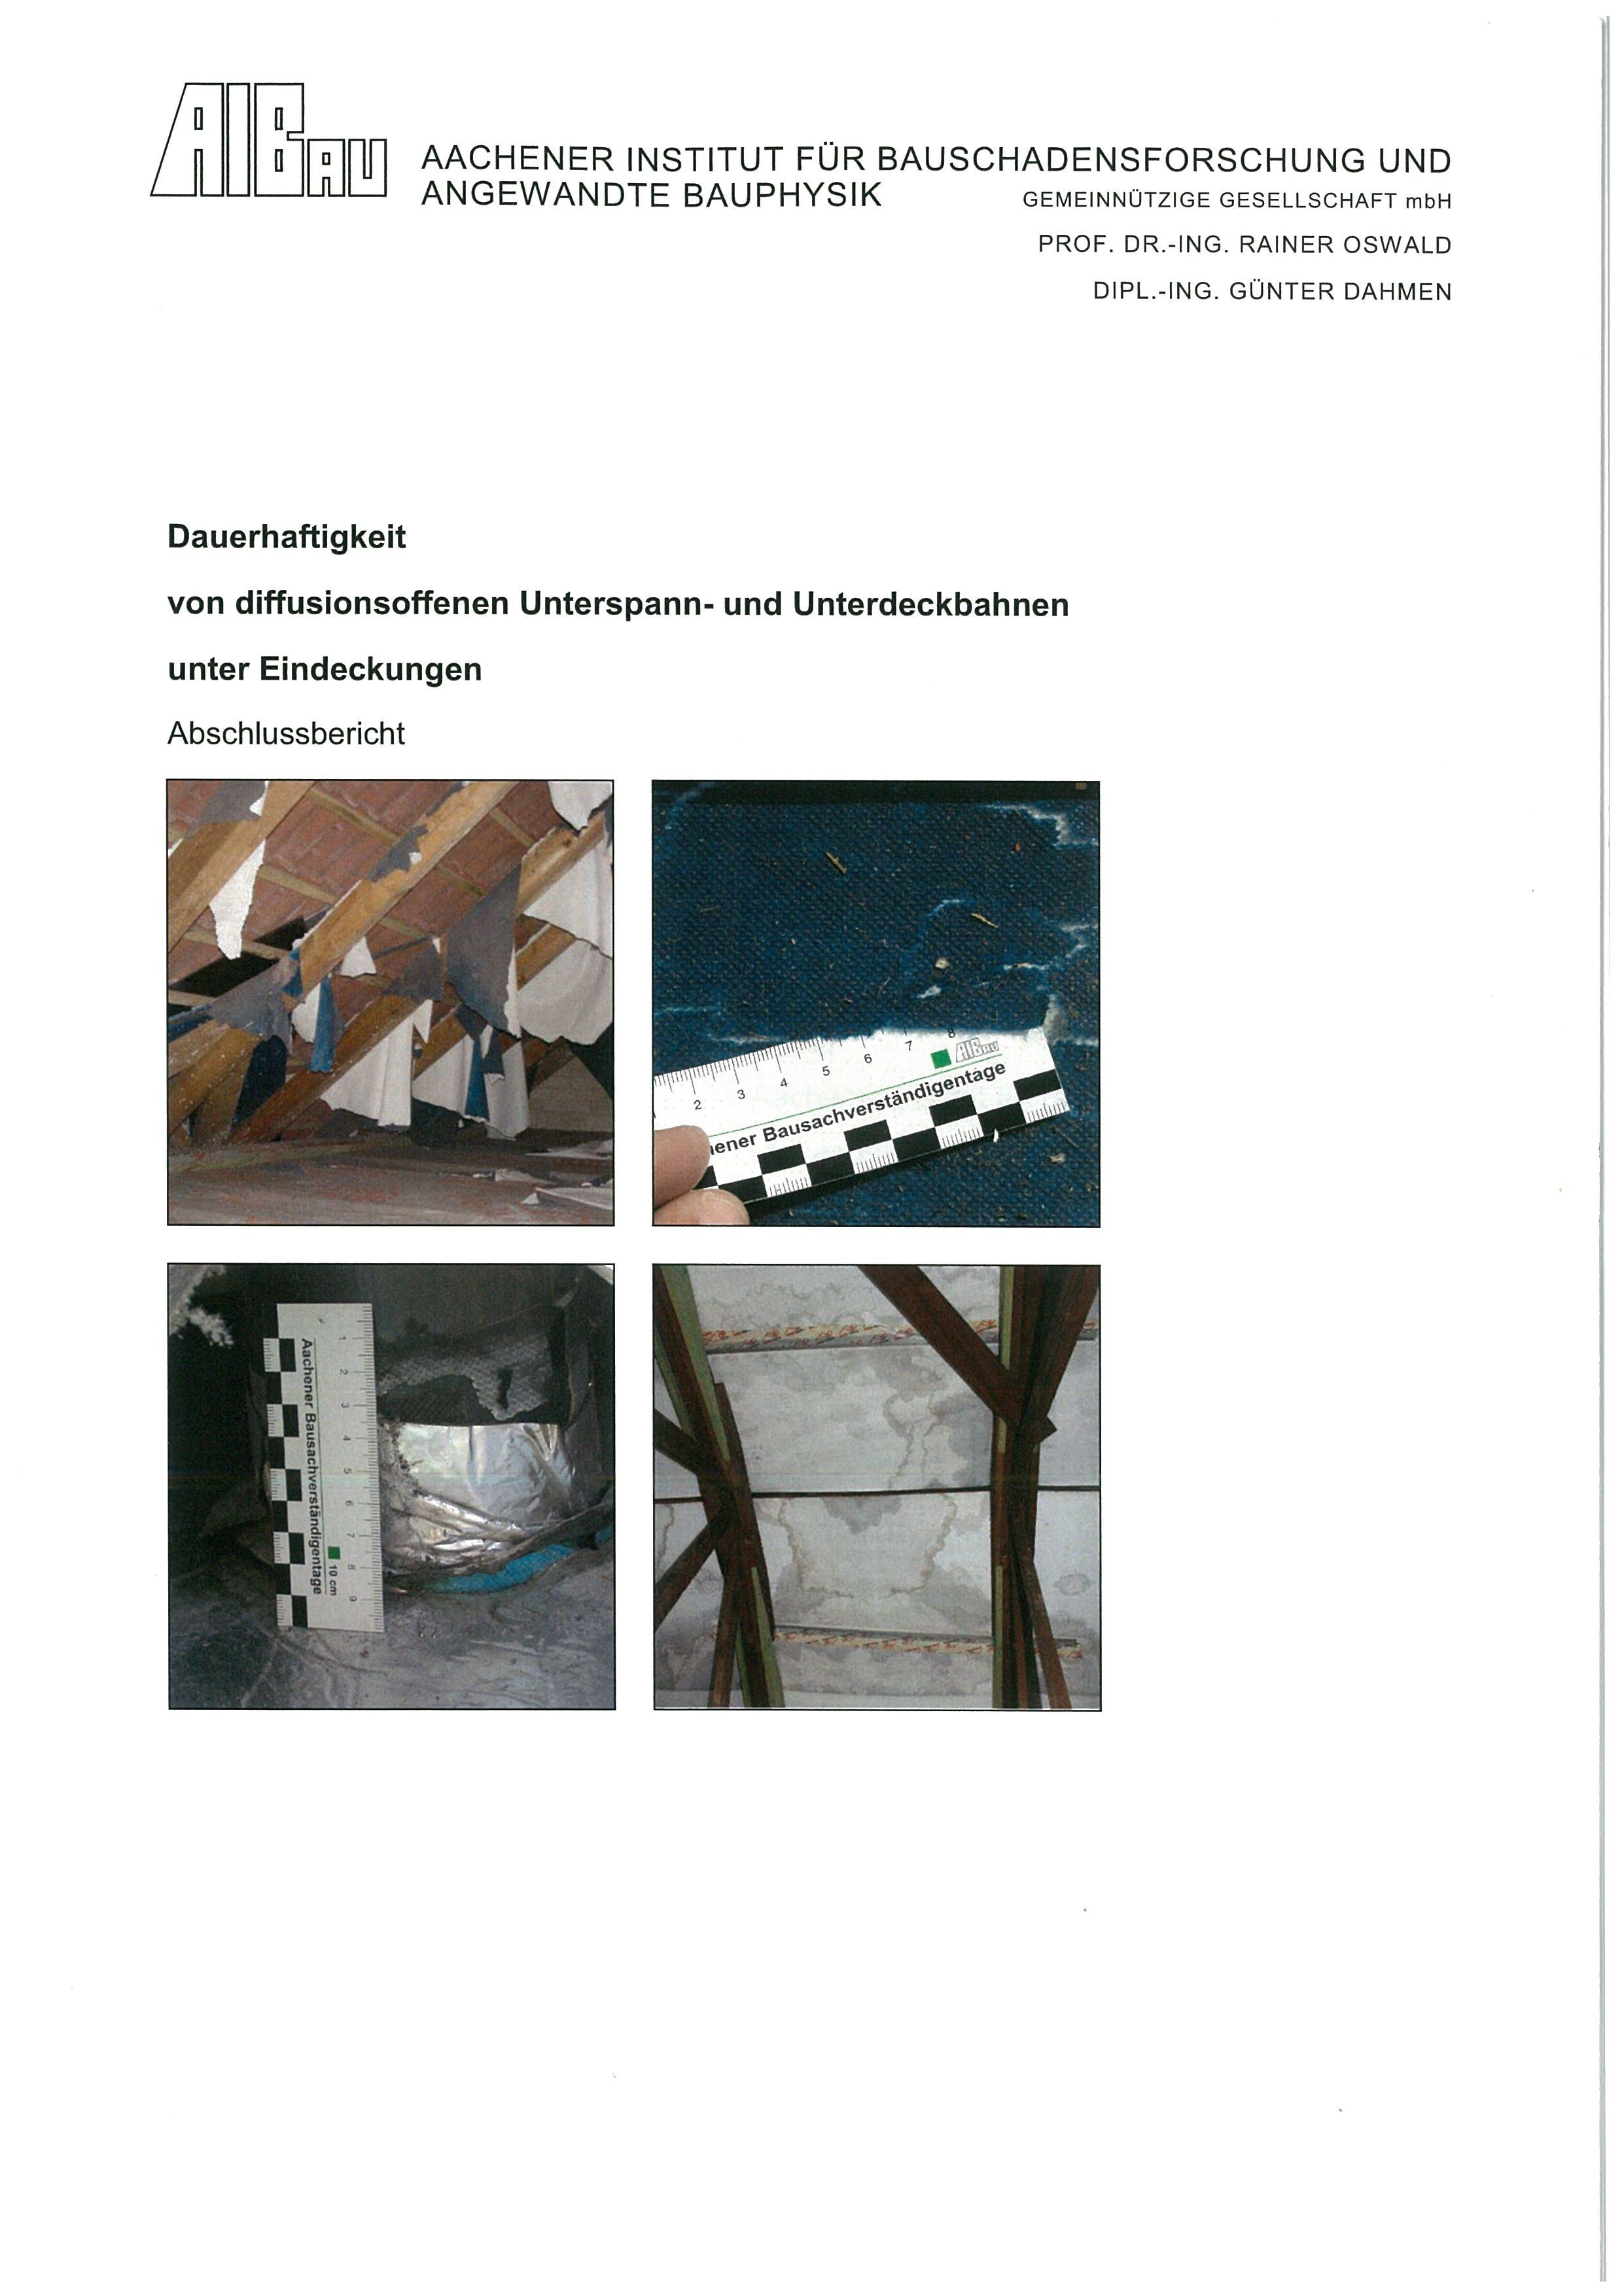 Forschungsbericht: Dauerhaftigkeit von diffusionsoffenen Unterspann- und Unterdeckbahnen unter Eindeckungen - Coverbild